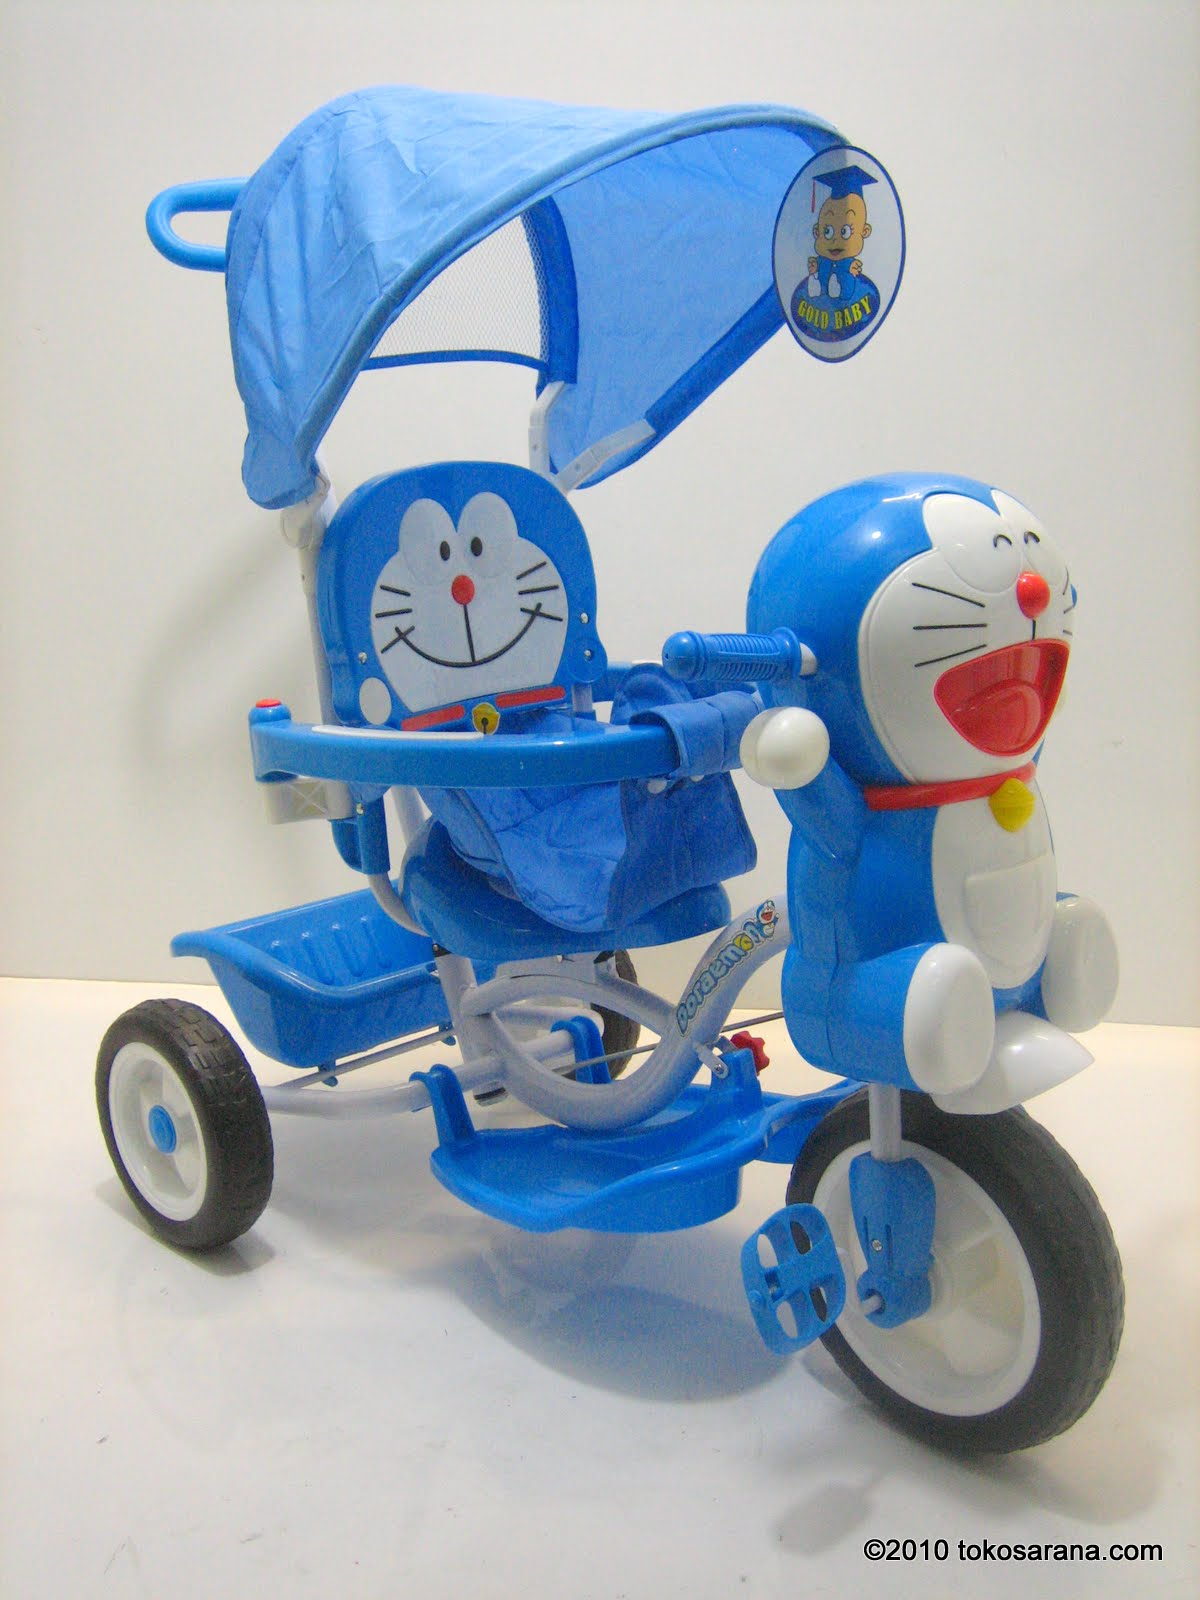 Desain Kendaraan Yang Terinspirasi Kartun Anime Jepang